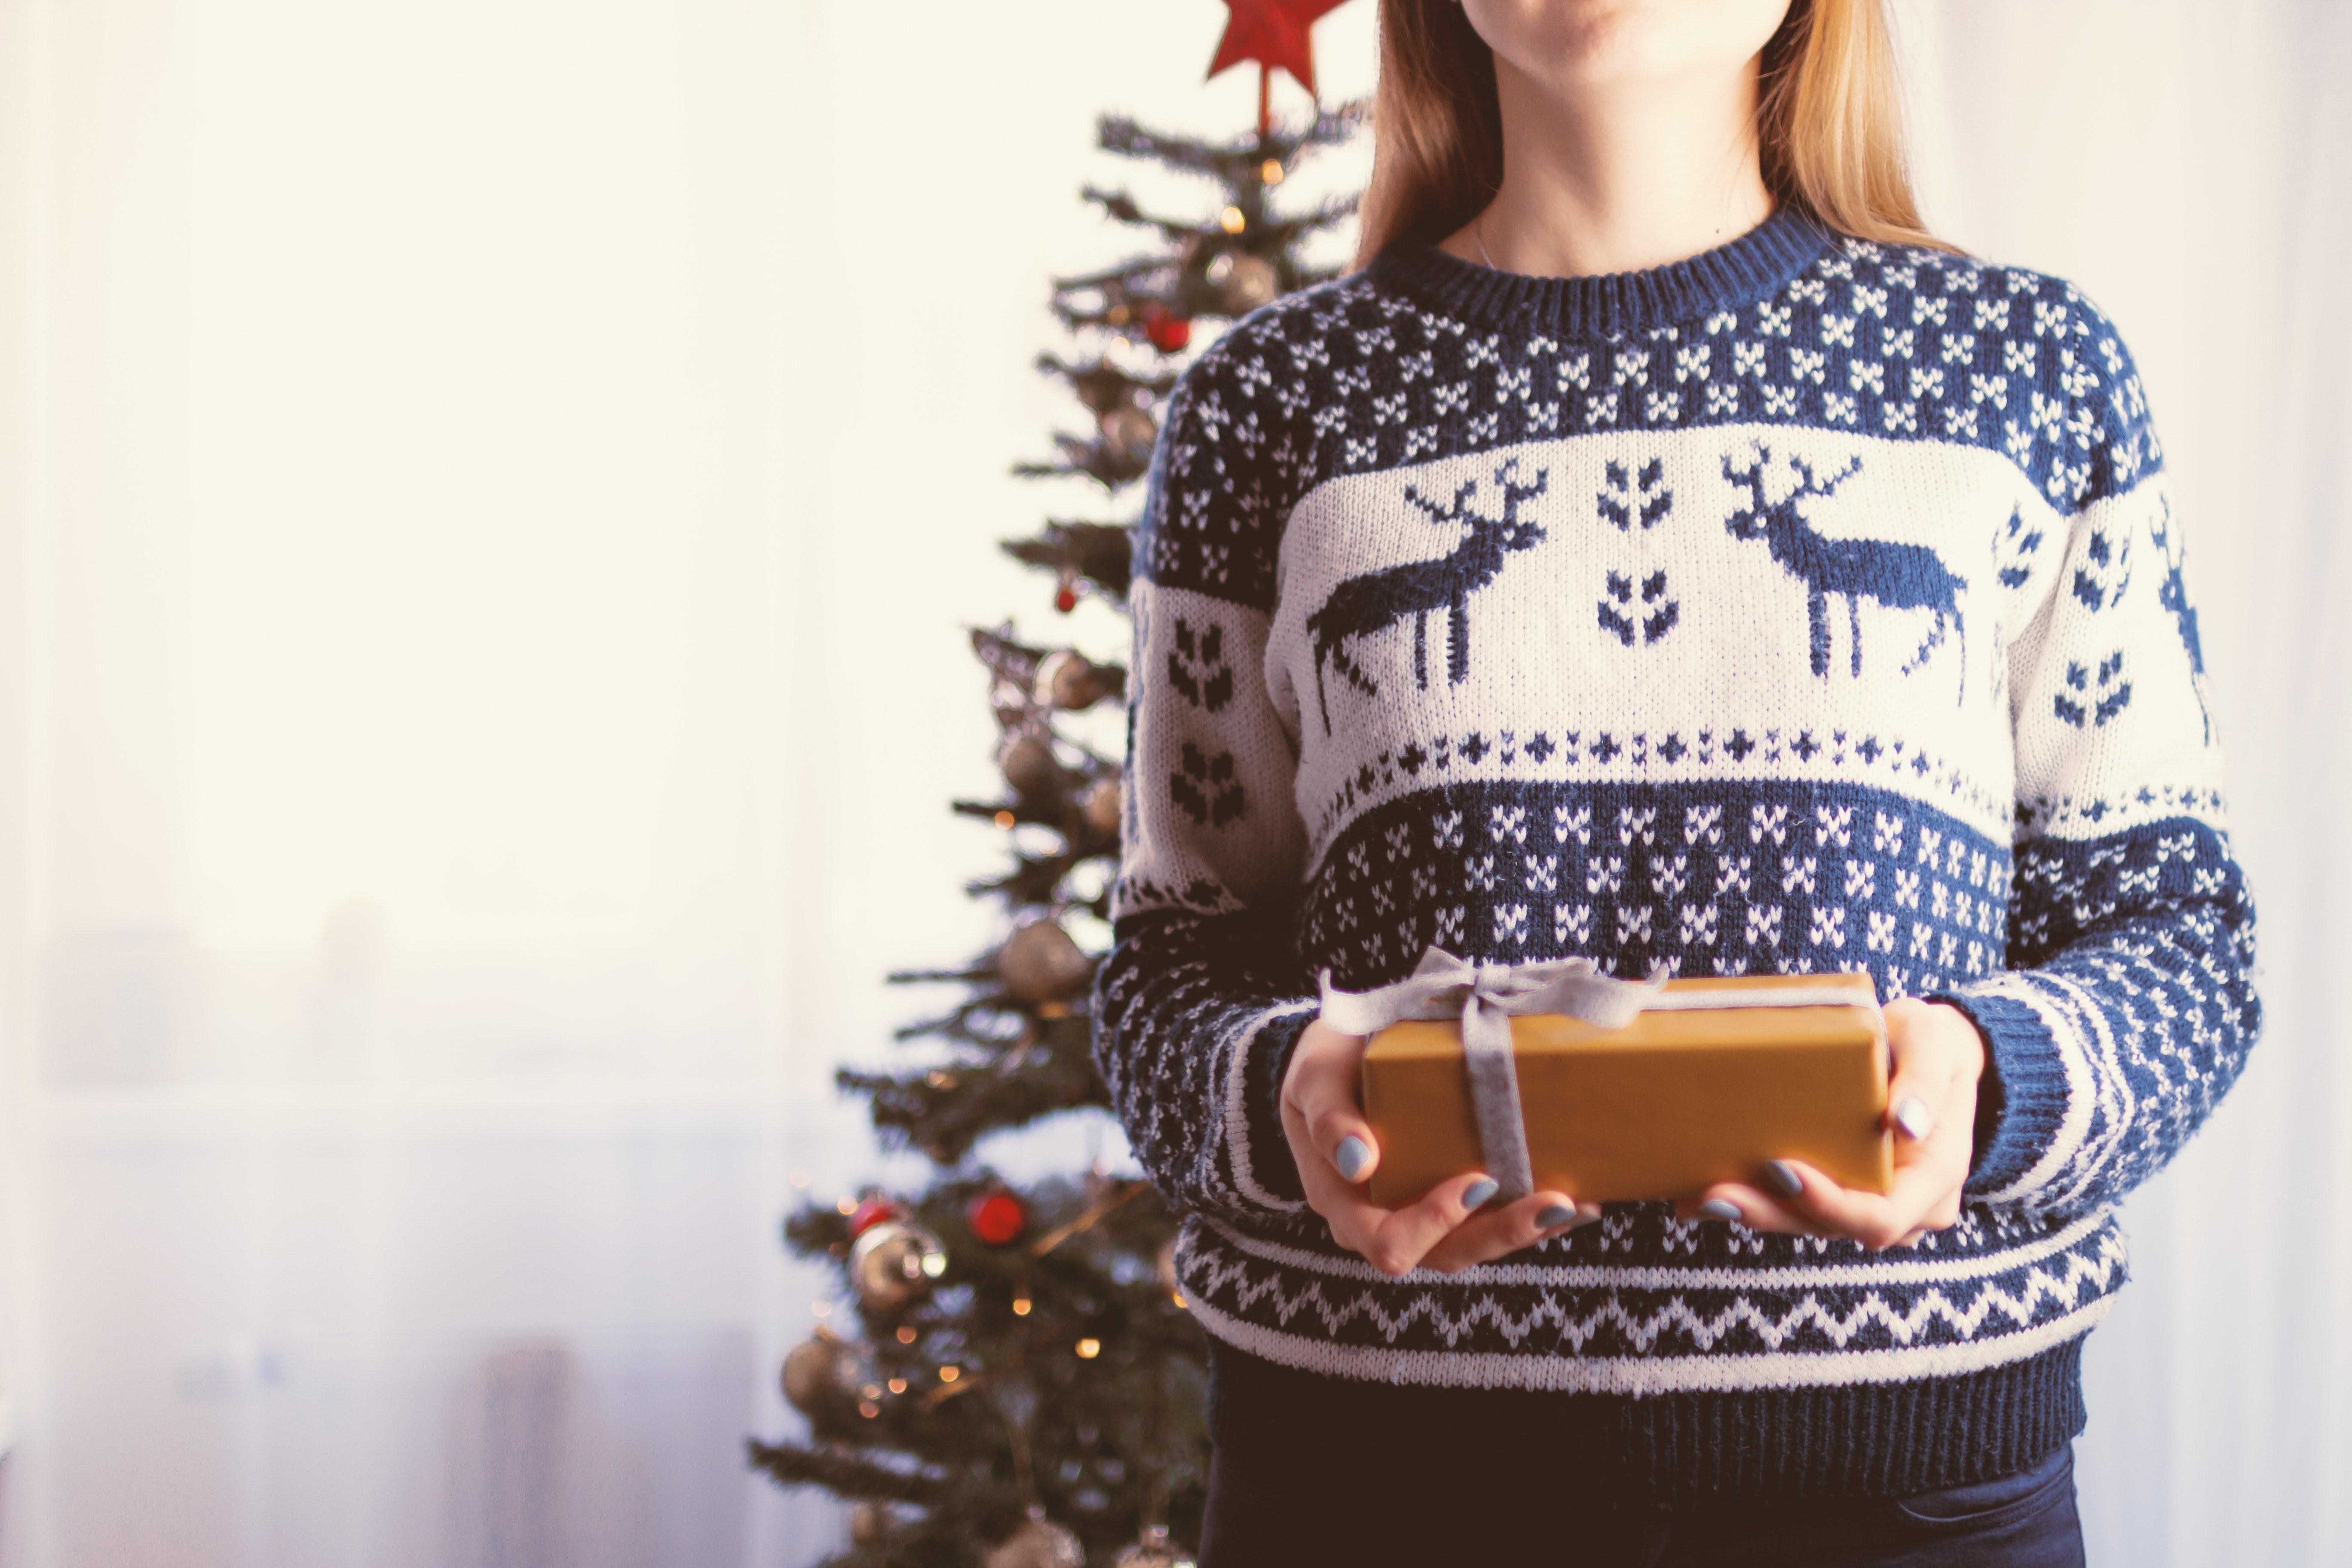 ideas regalos originales estas navidades